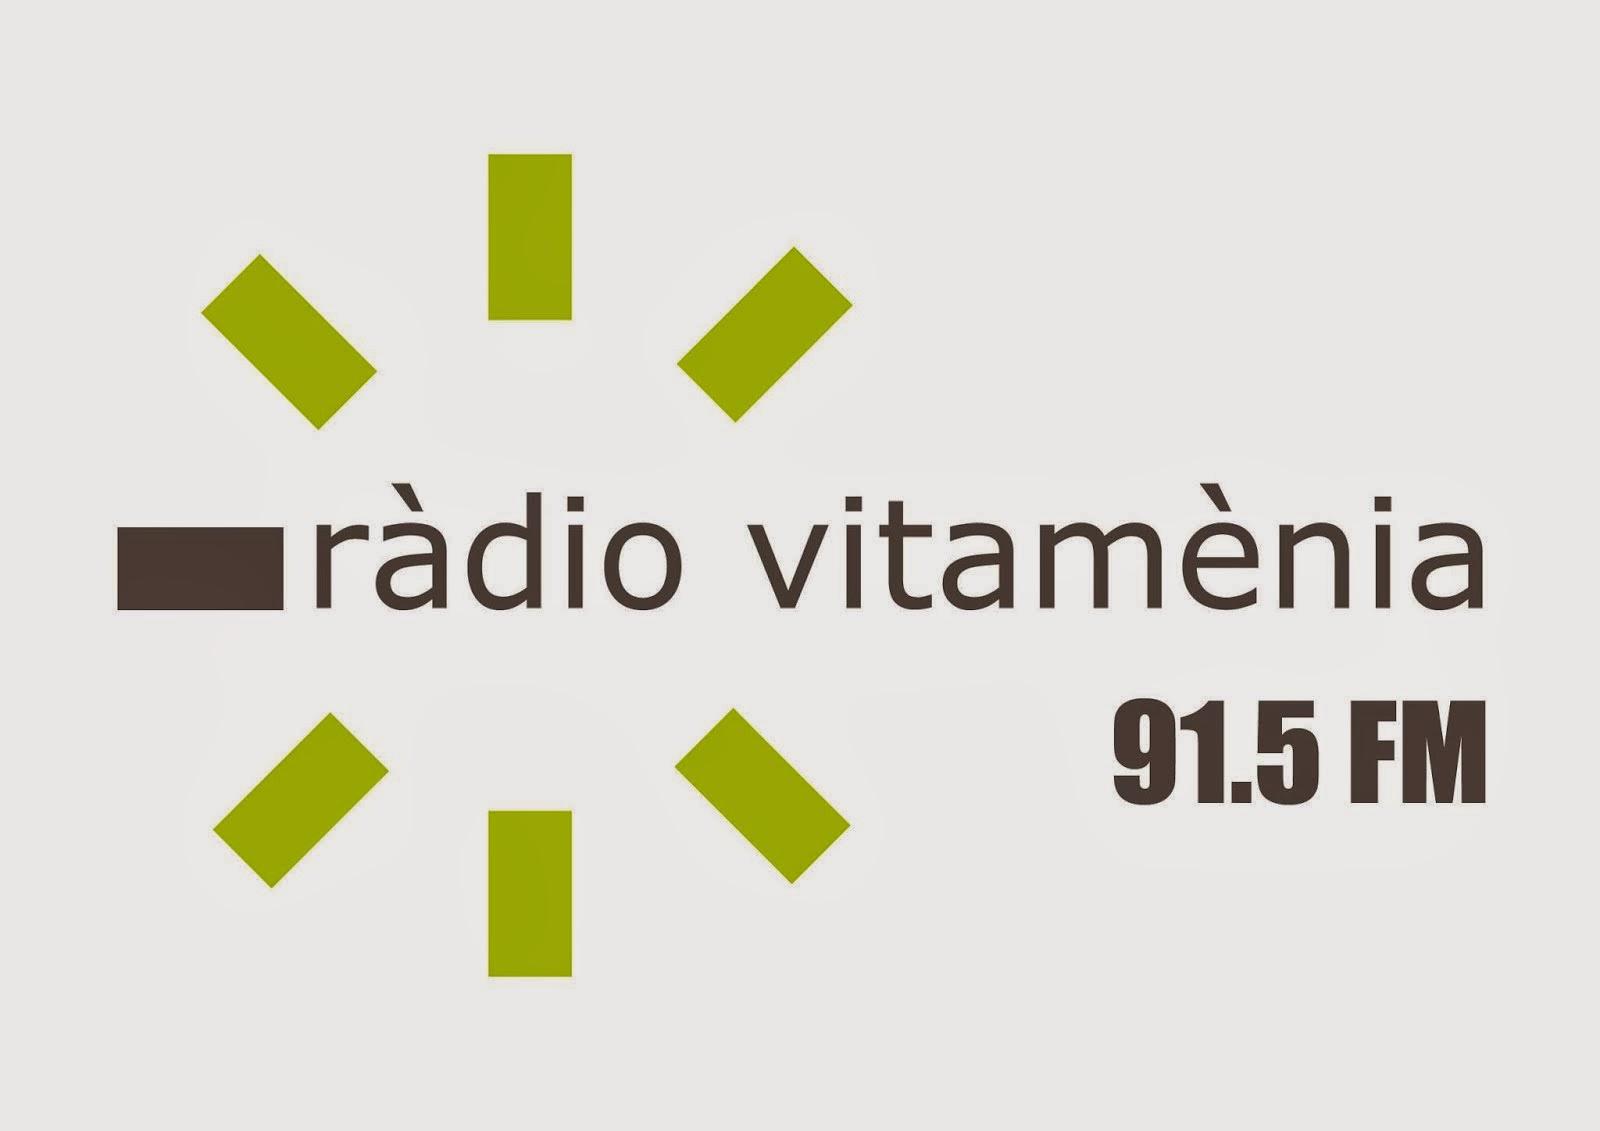 Ràdio Vitamènia ( Sta M. de Palautordera)